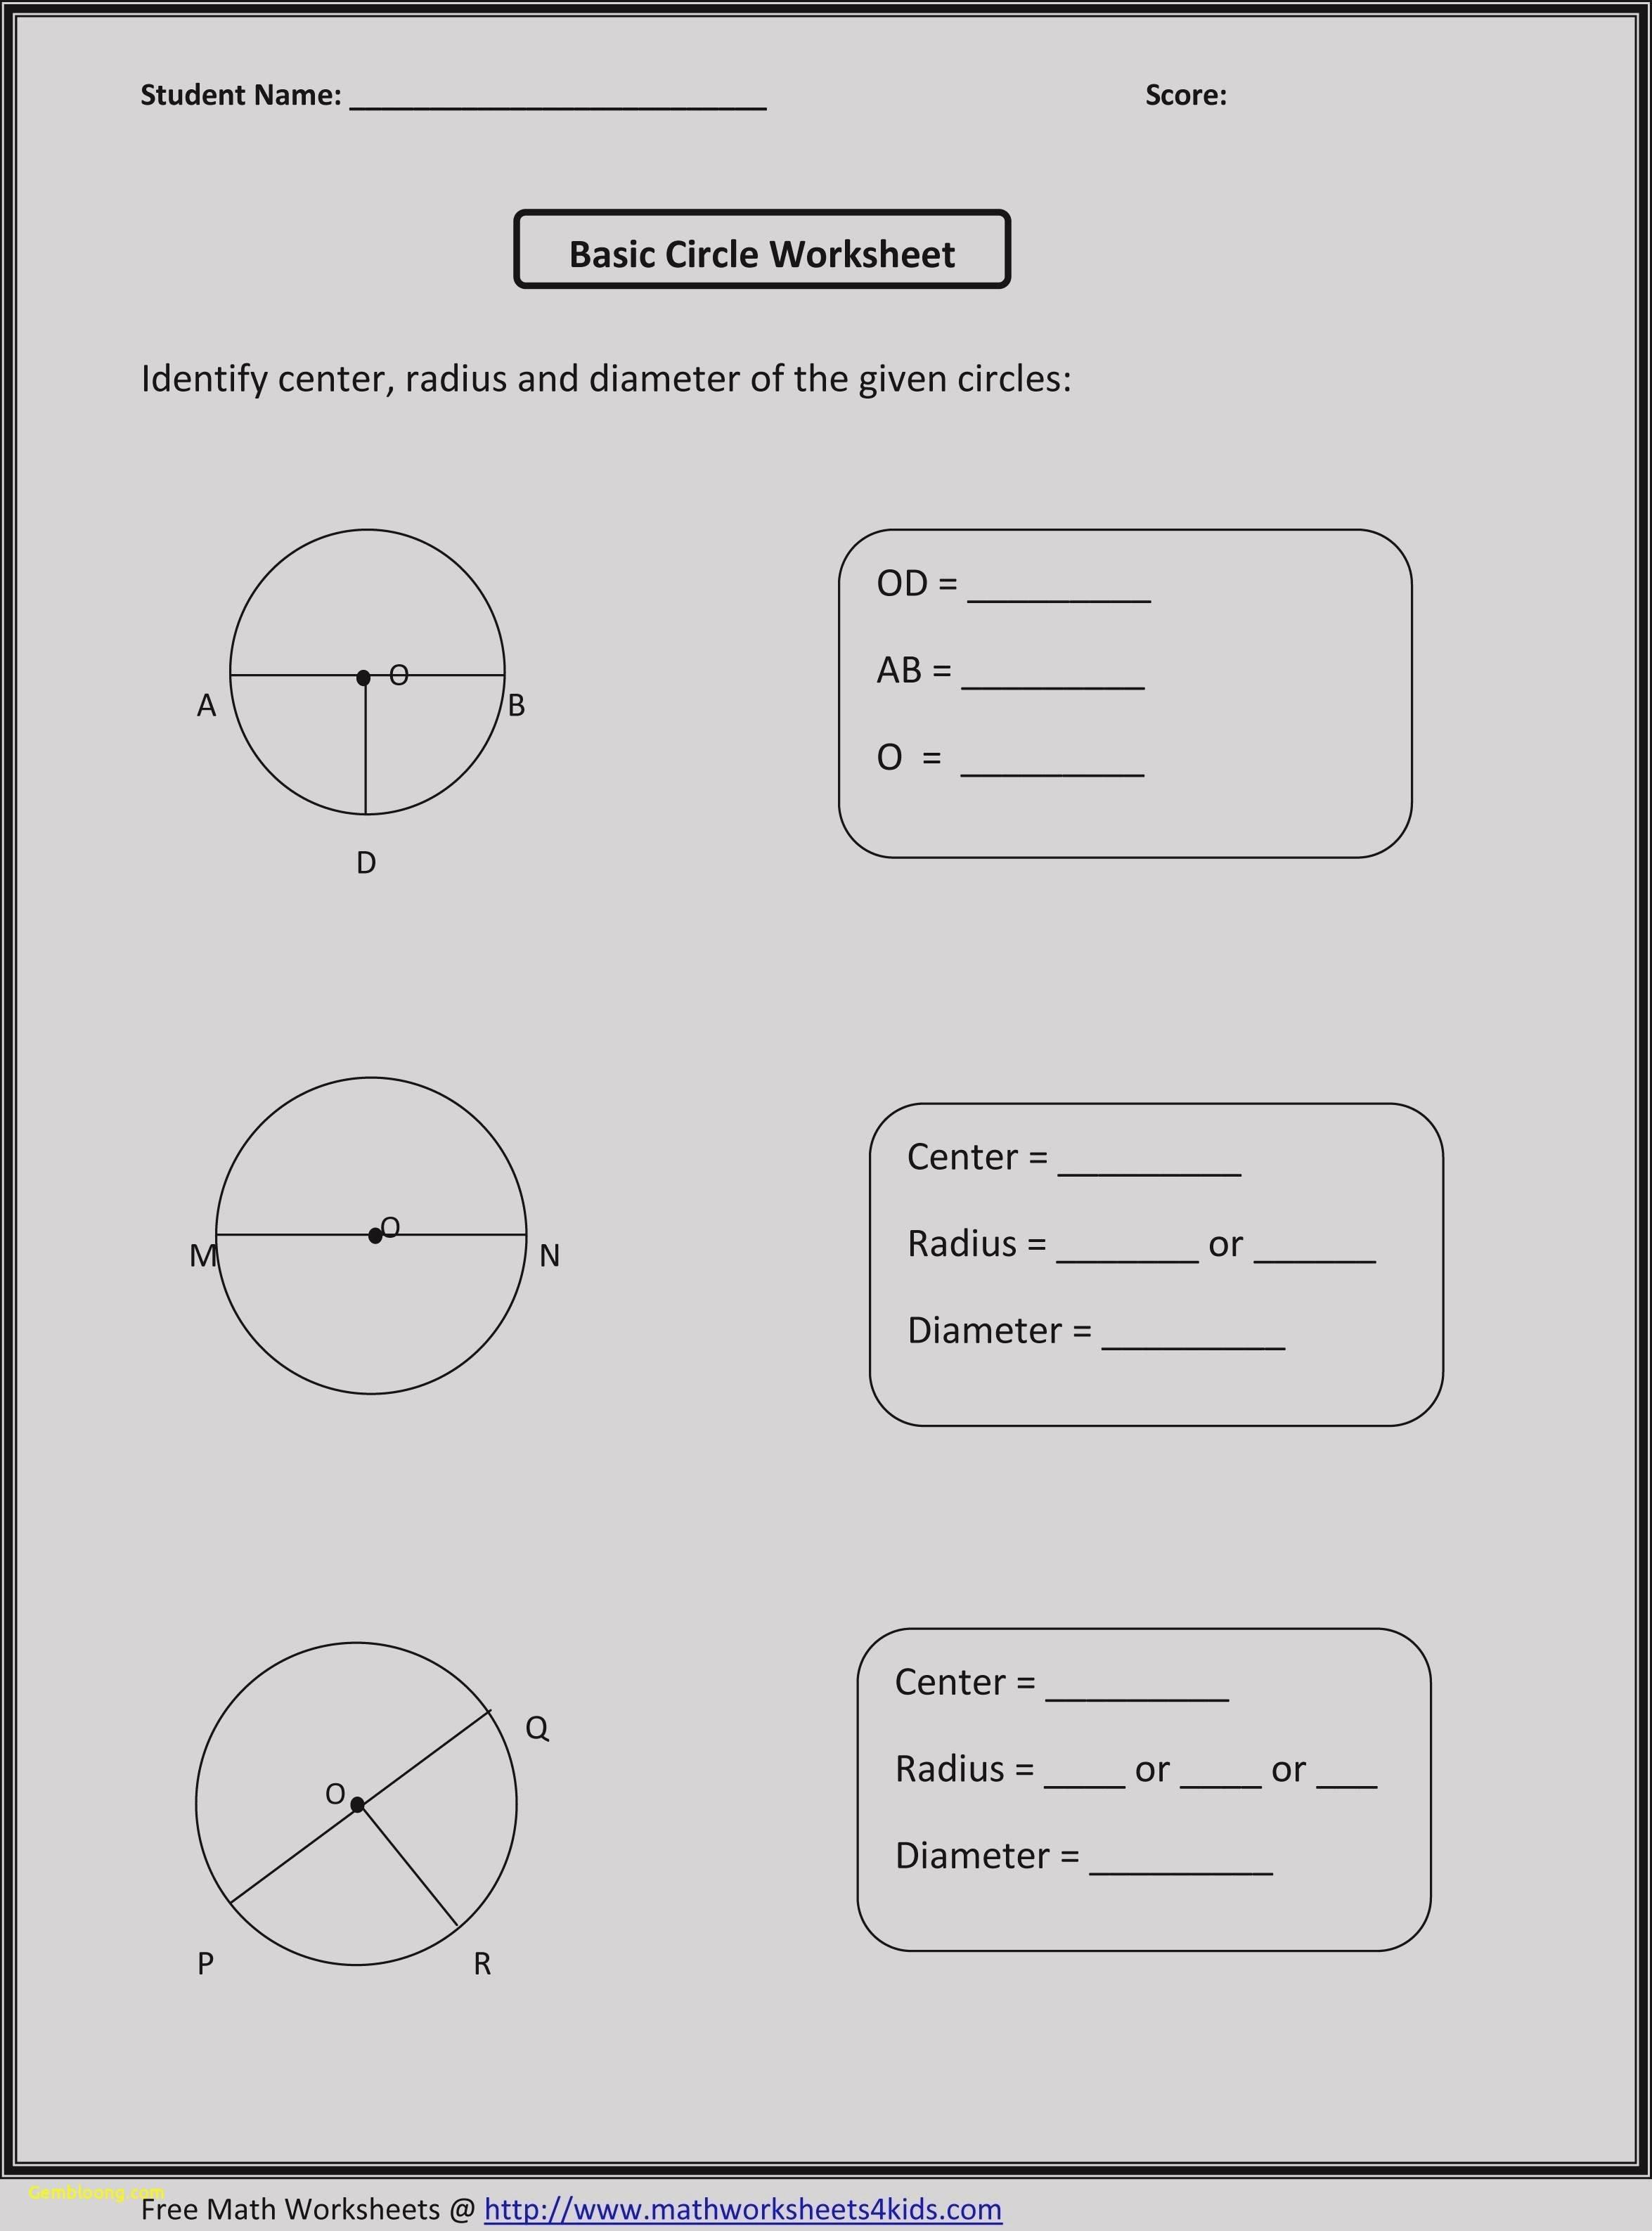 Bohr atomic Models Worksheet Lovely Bohr Model Practice Worksheet Answers Cramerforcongress